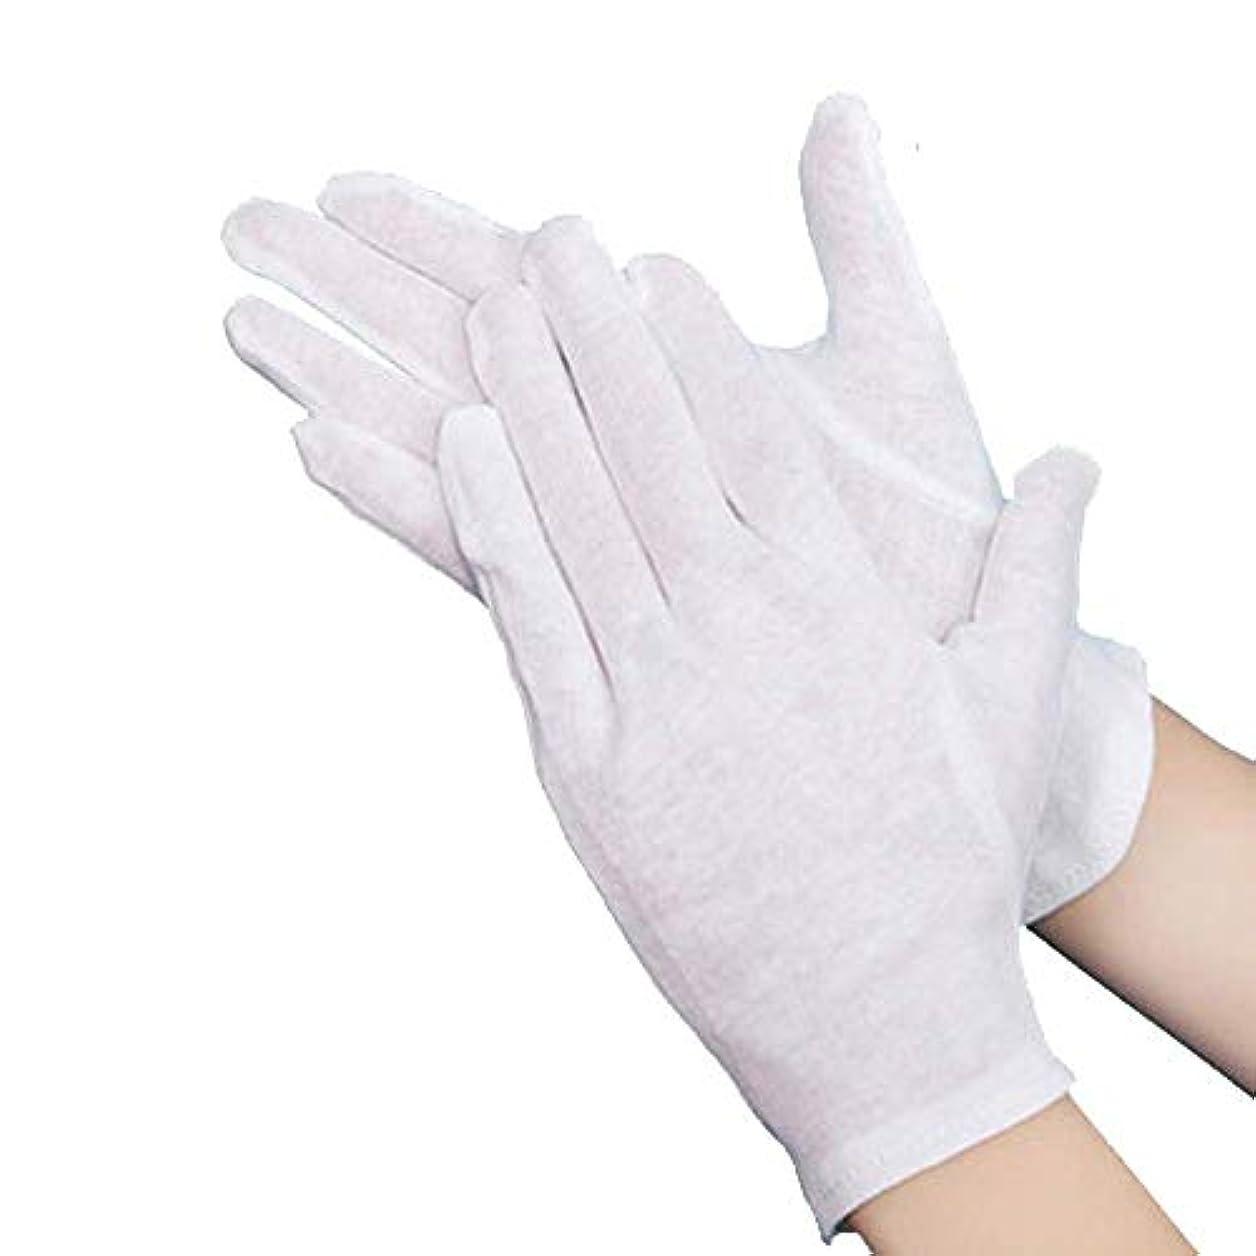 対抗チョップ内陸綿手袋 純綿100%通気性耐久性が強い上に軽く高品質吸汗性が优秀ふんわりとした肌触り10双組